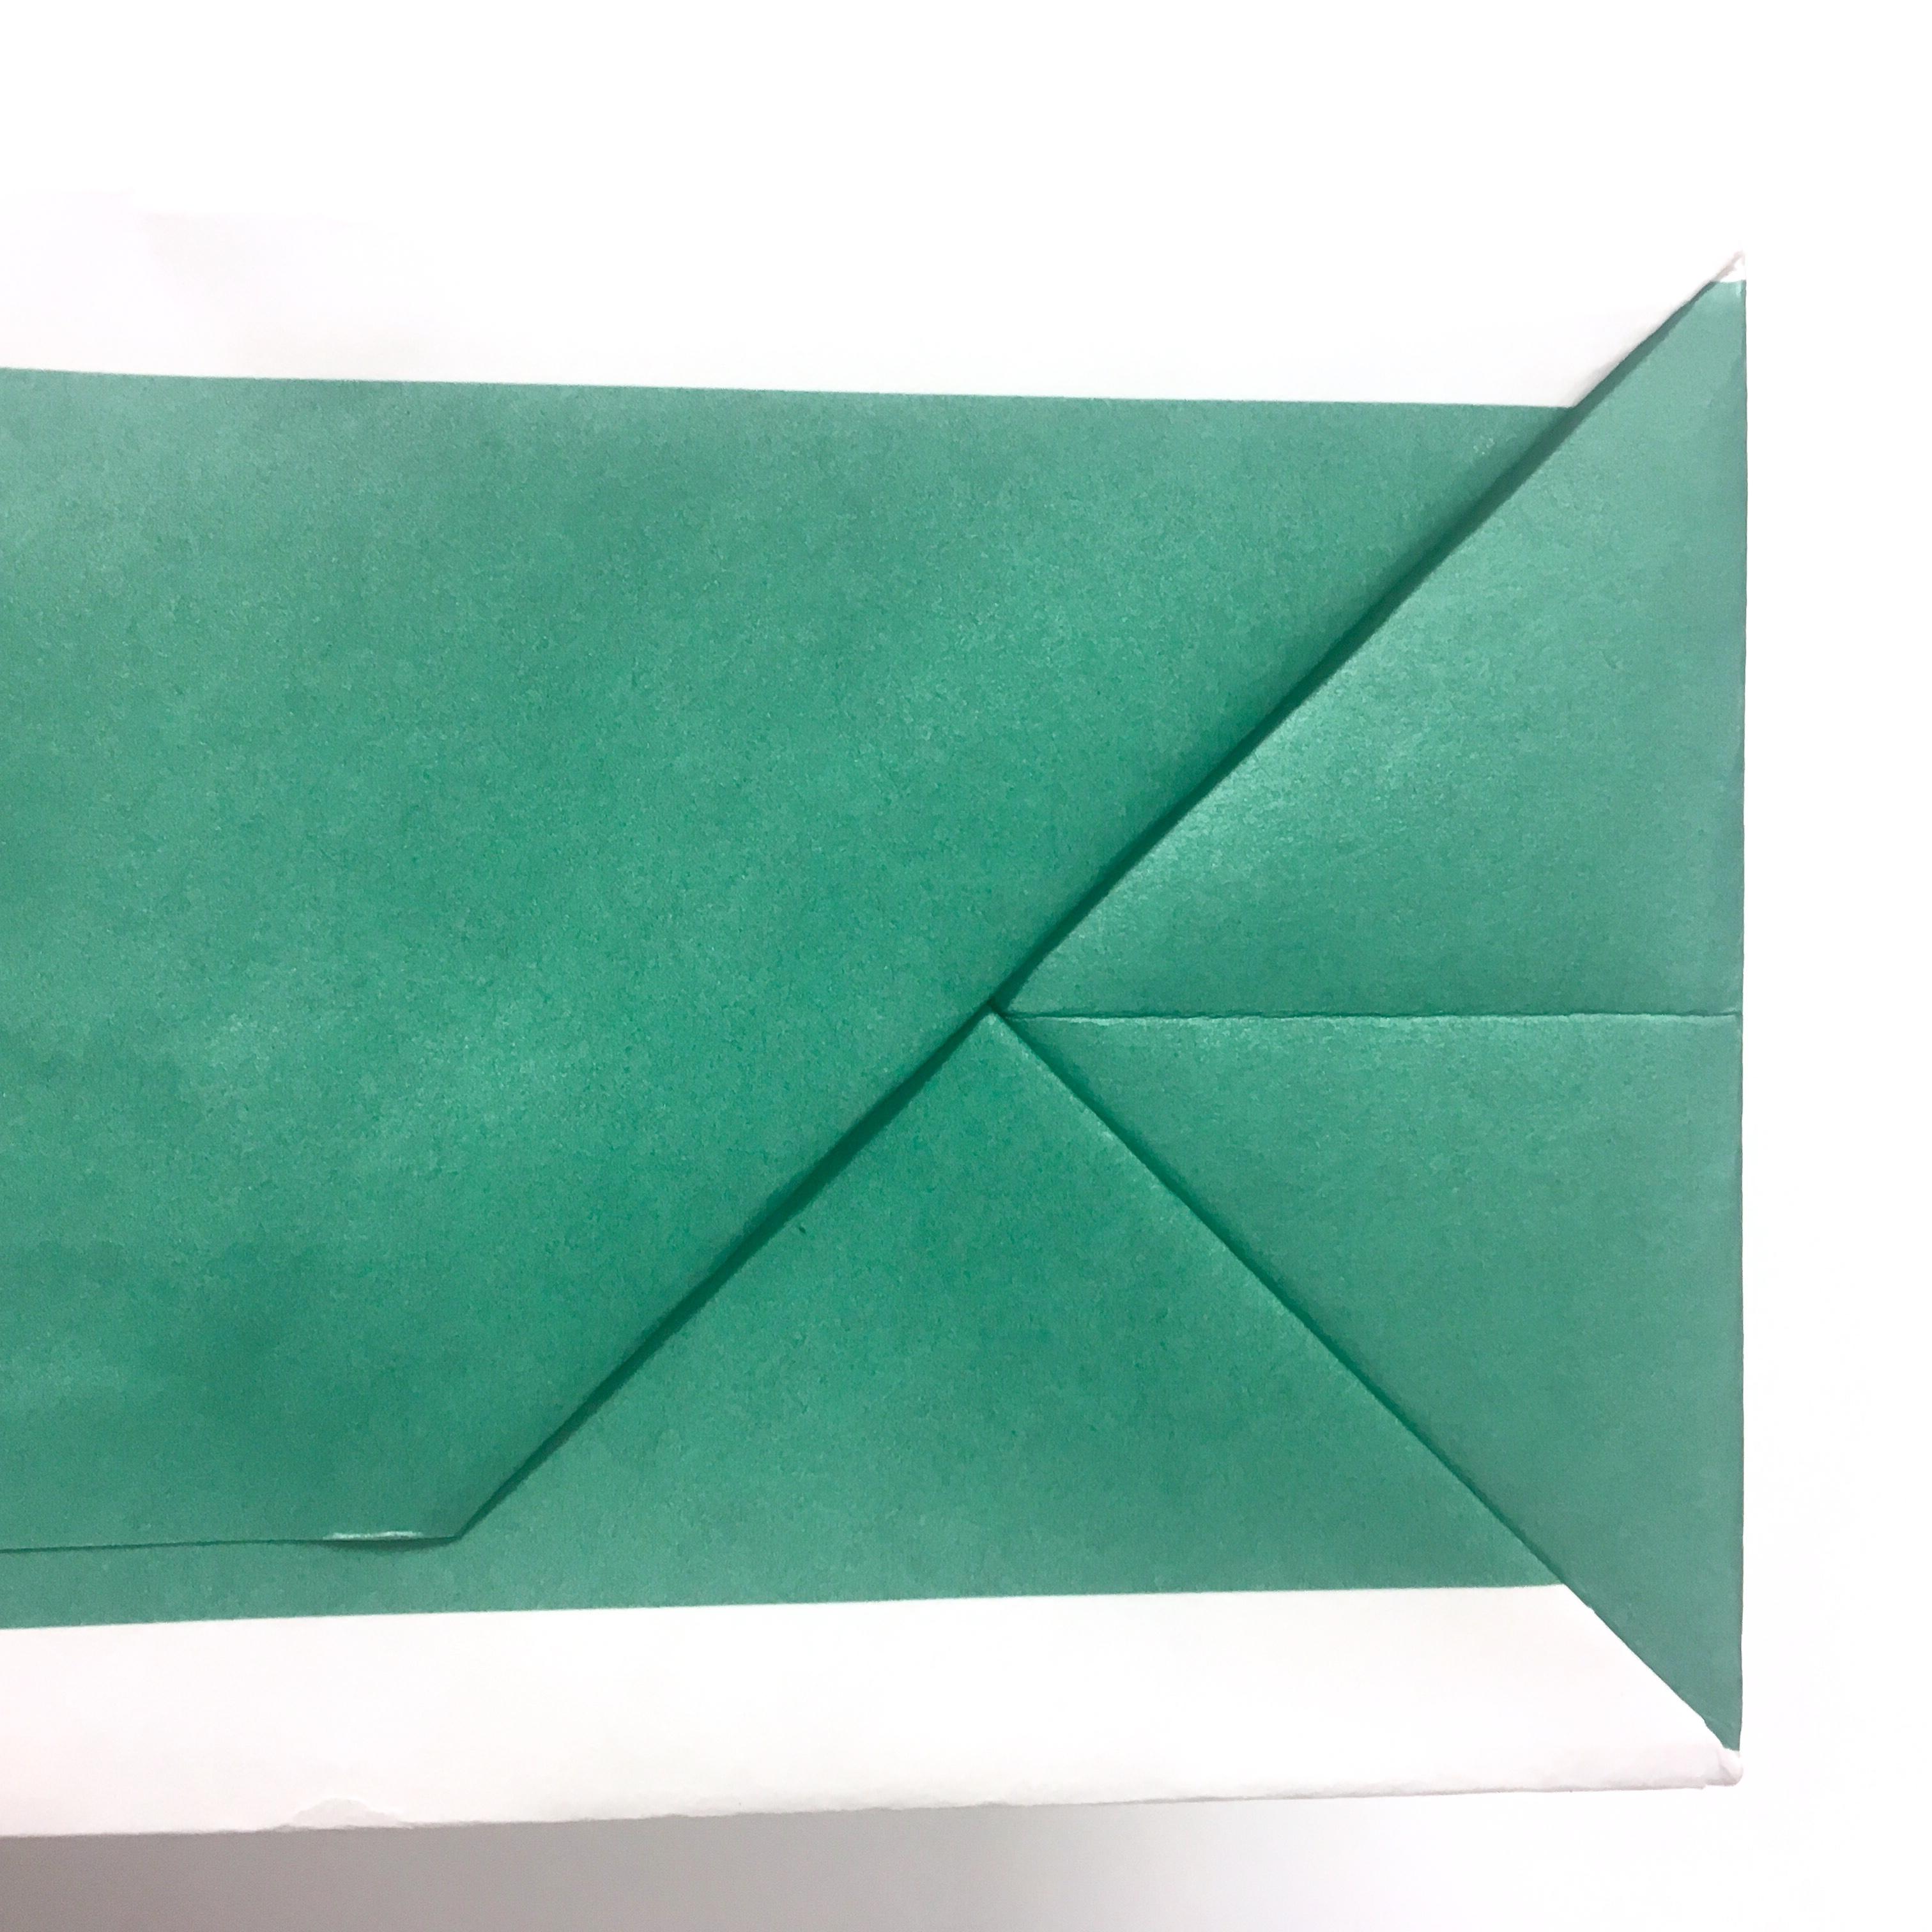 フルオーダーメイド紙袋の実績紹介です!(4)